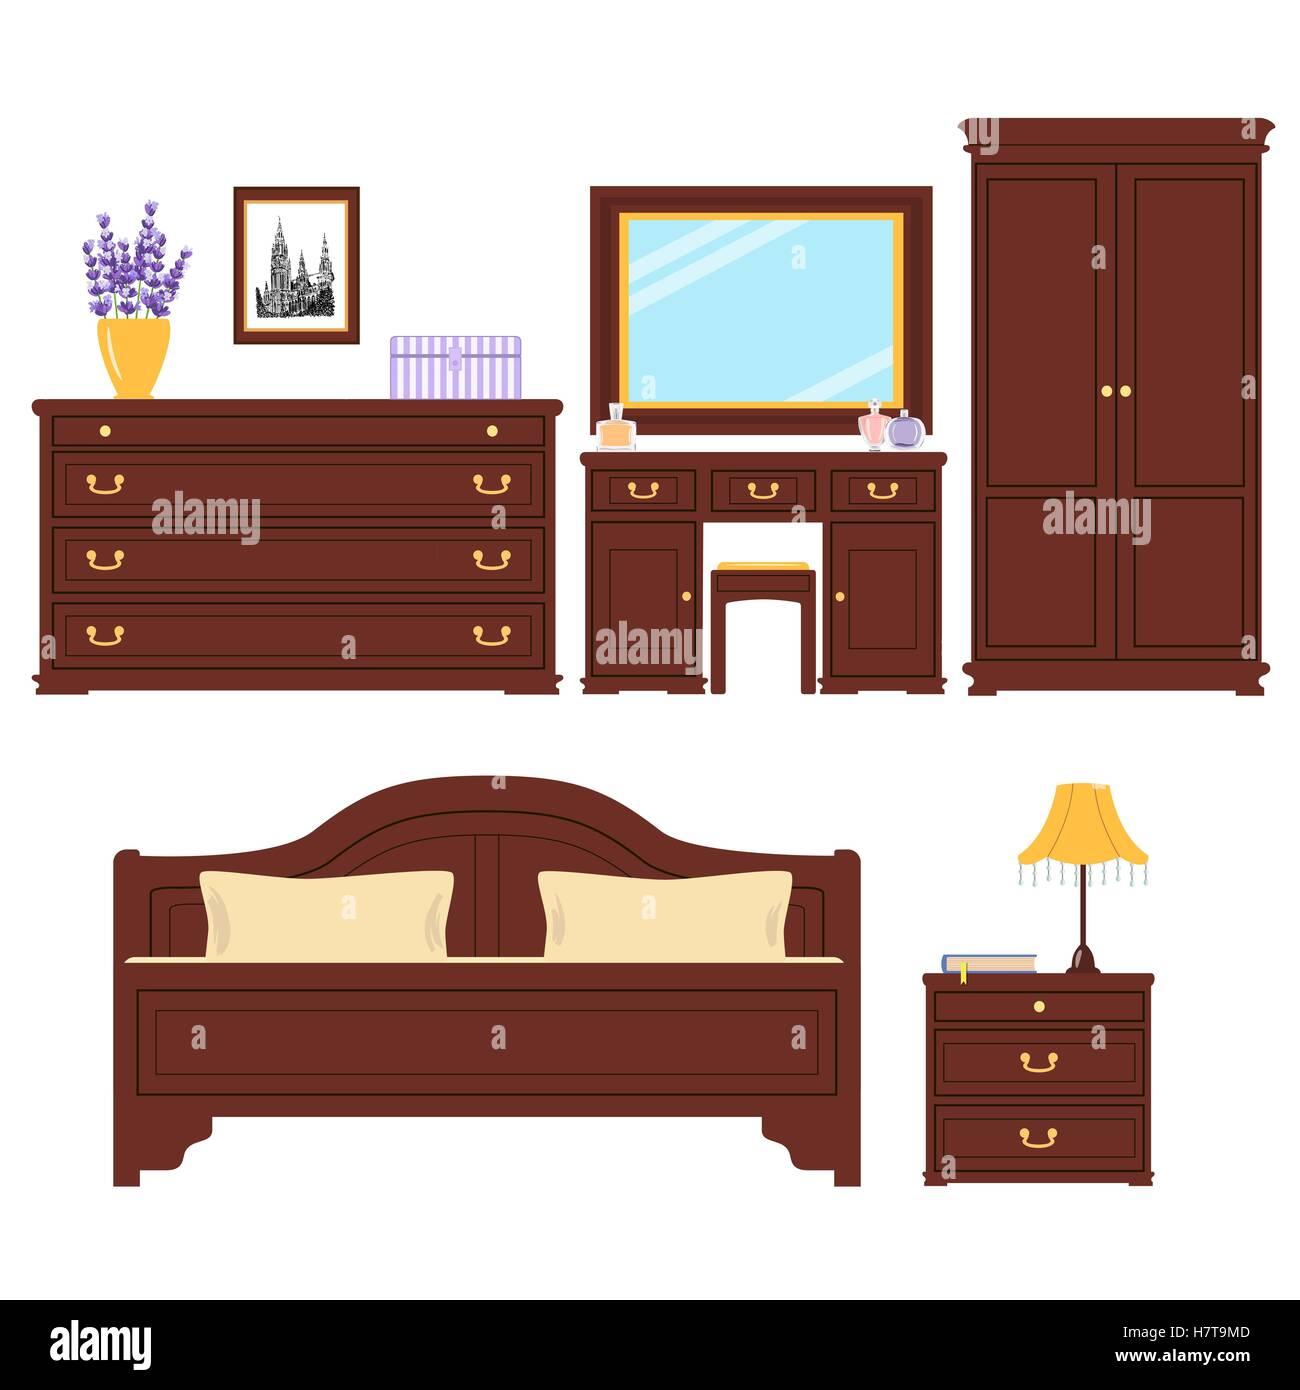 satz von mobel fur schlafzimmer niedliche schlafzimmer fur werbung immobilien bild mobelgeschaft bett bild brust des dra